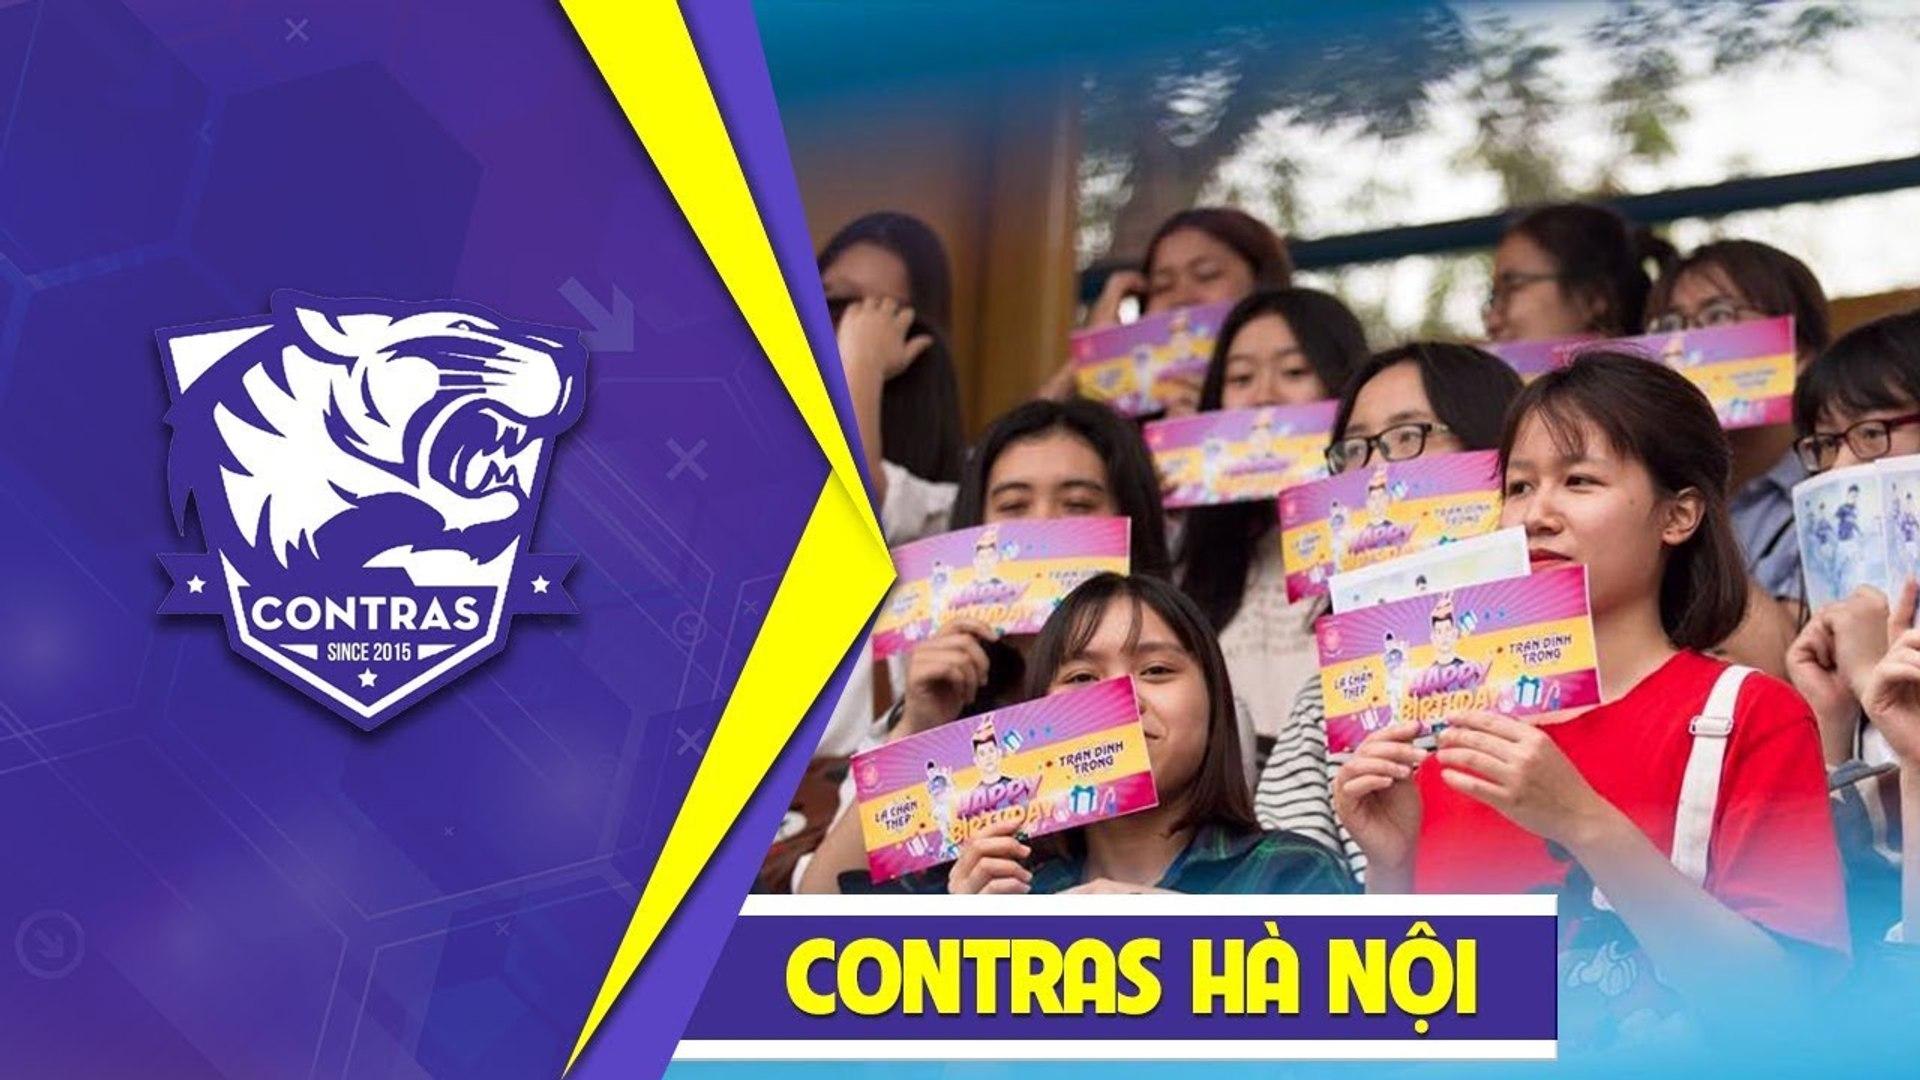 Tình cảm đặc biệt của các fan nữ dành cho CLB Hà Nội trong buổi tập mới nhất | HANOI FC